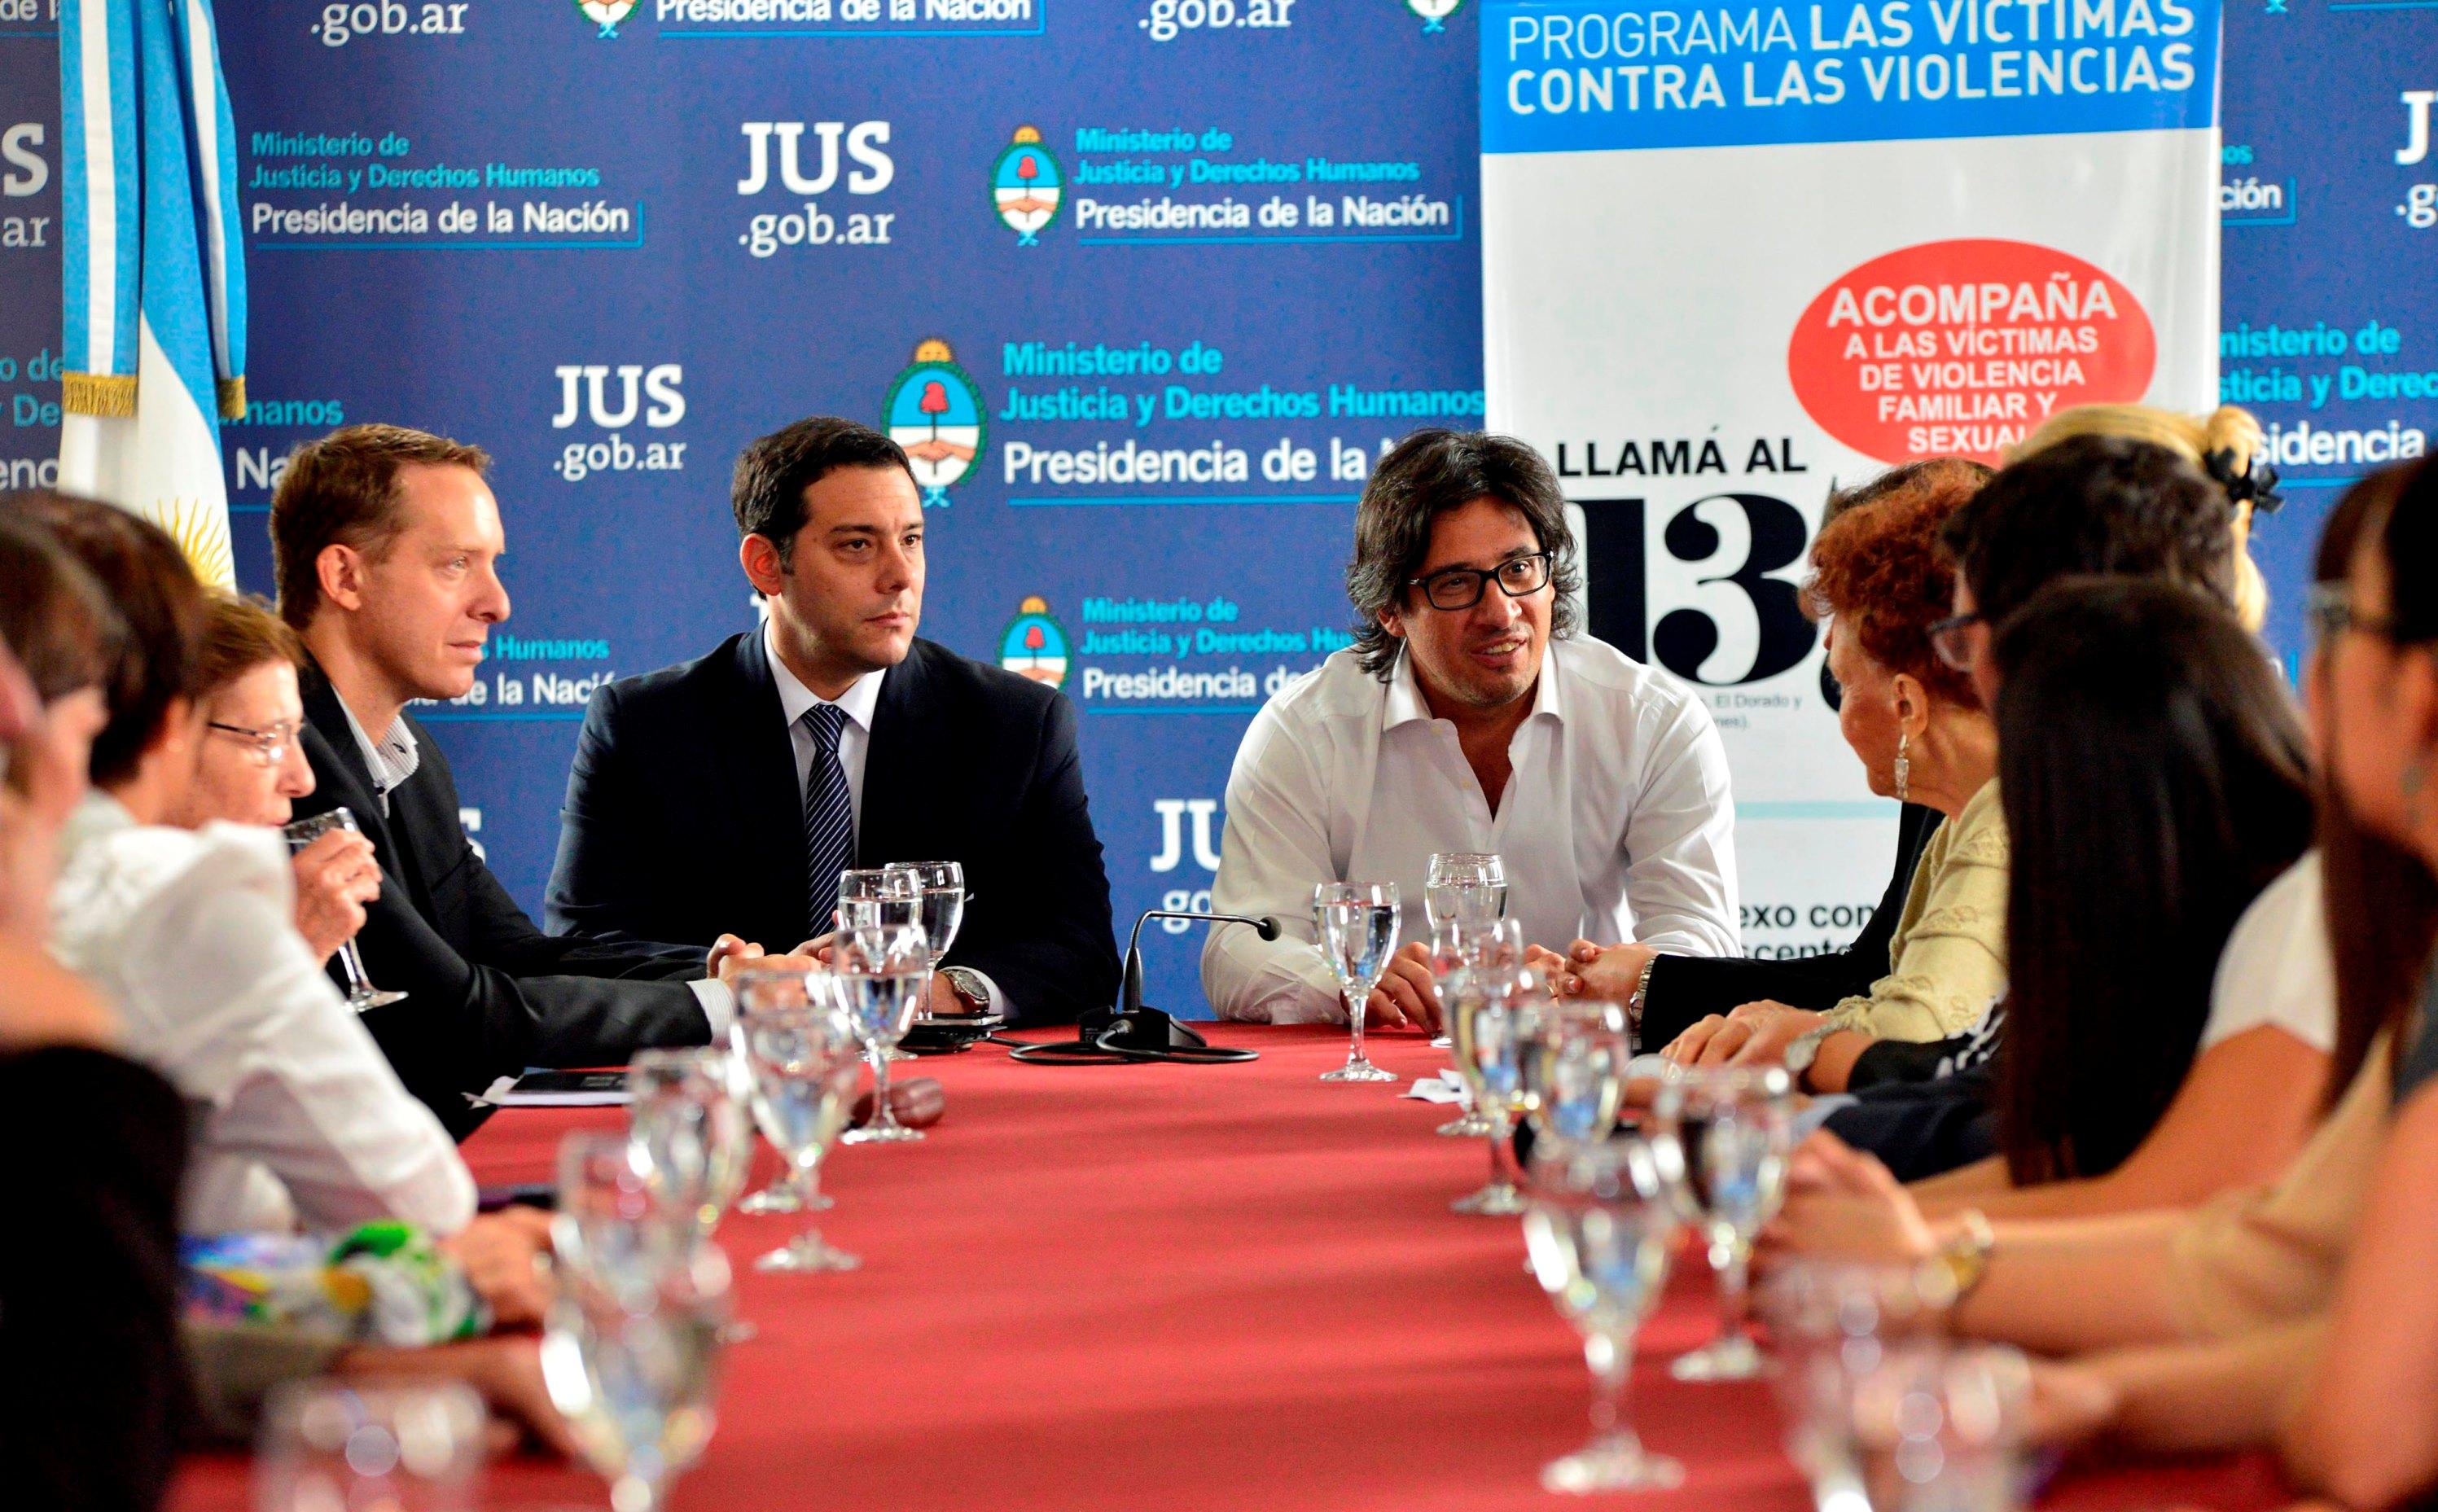 El Ministerio firma convenio de cooperación para llevar el Programa Victimas contra las Violencias a Misiones